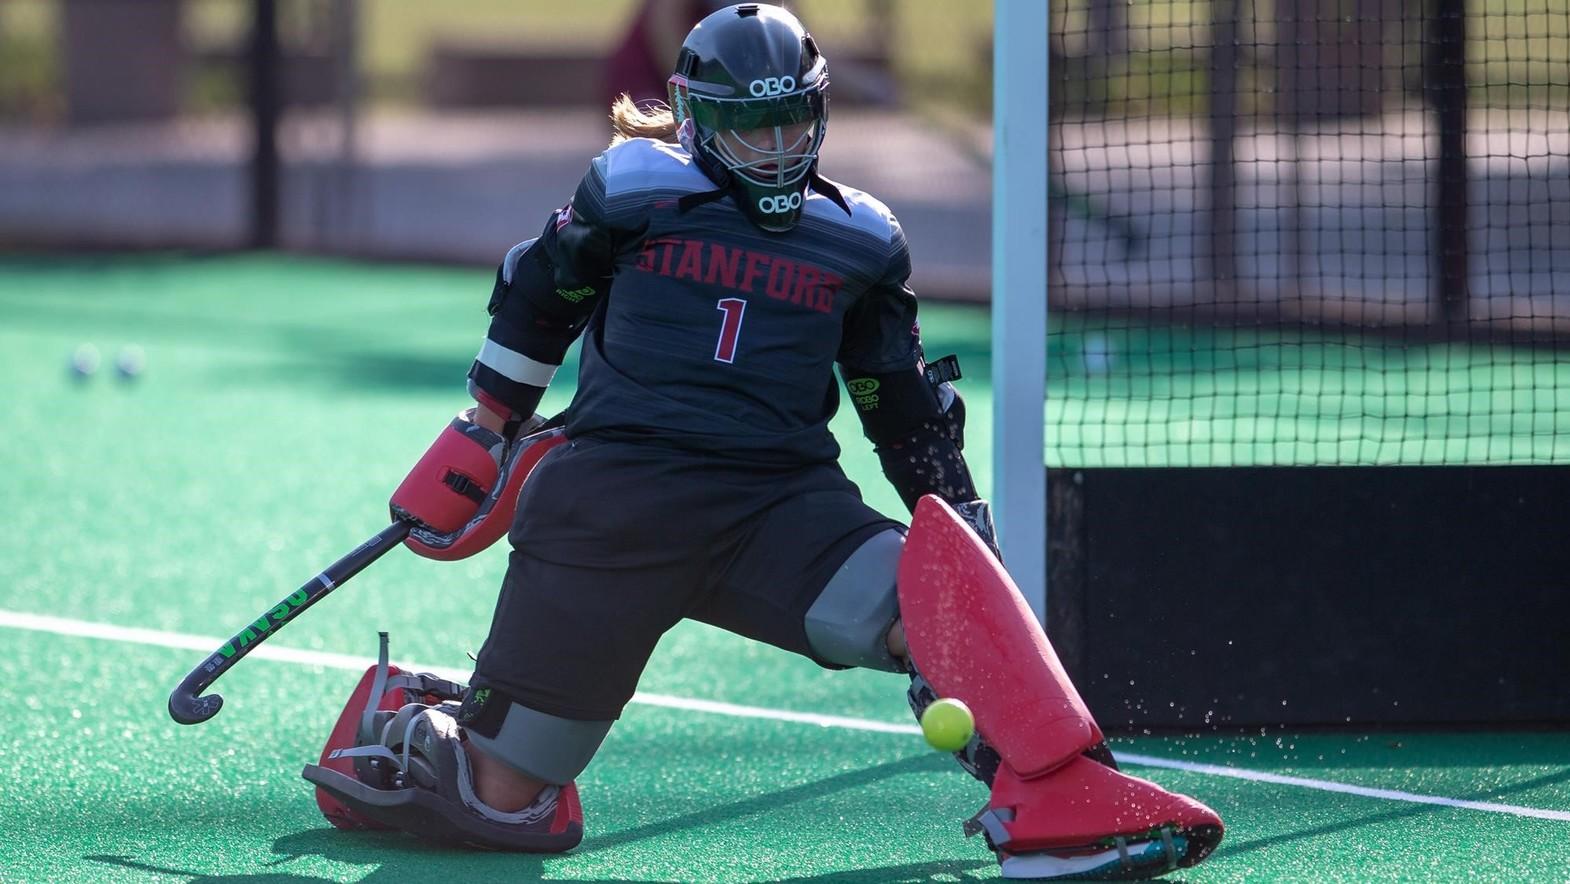 Stanford Cardinal vs Syracuse Field Hockey - September 11